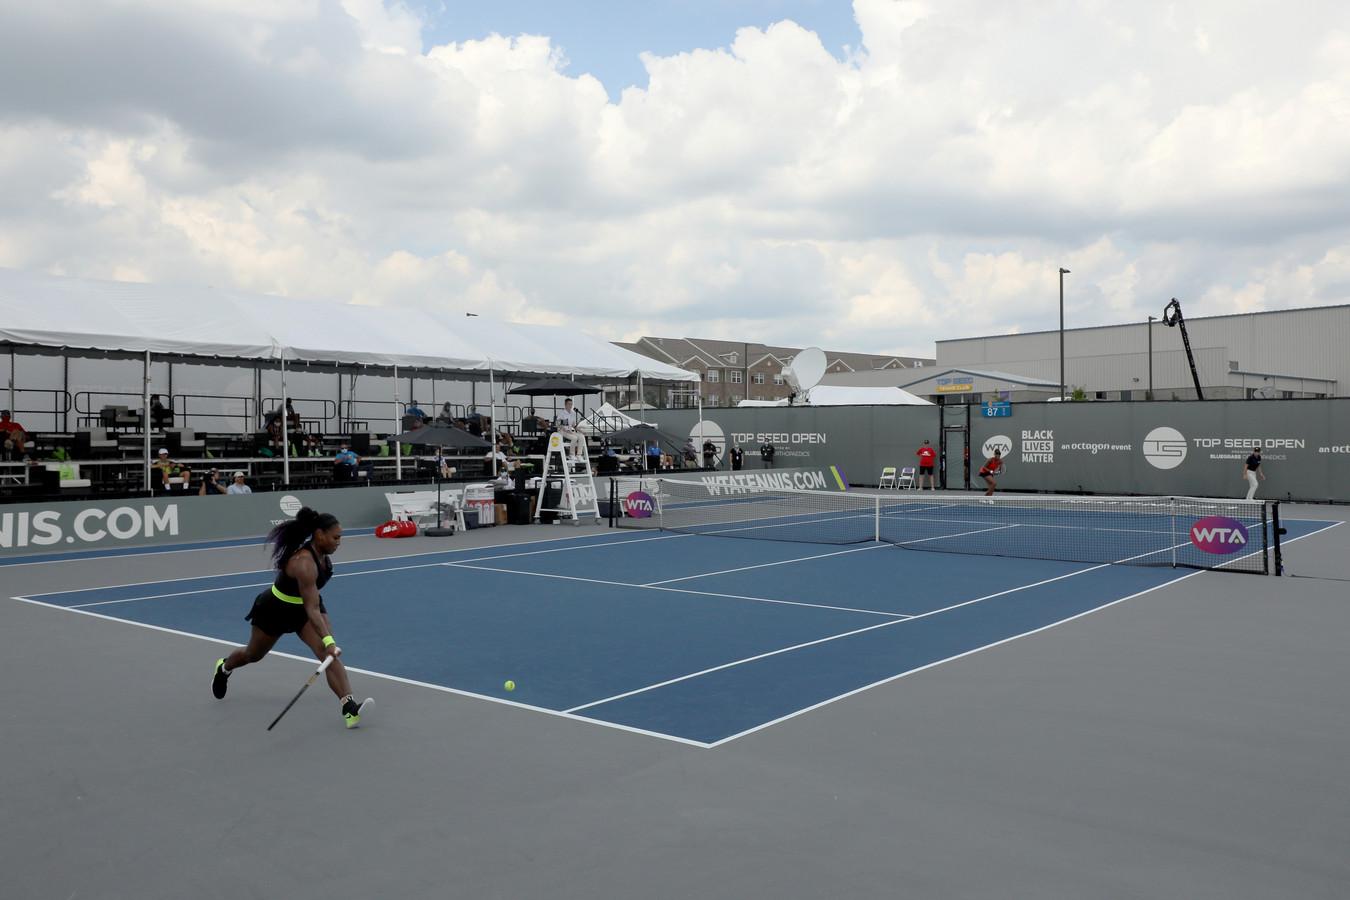 Venus Williams en Serena Williams (voorgrond) in actie in in Lexington, Kentucky.